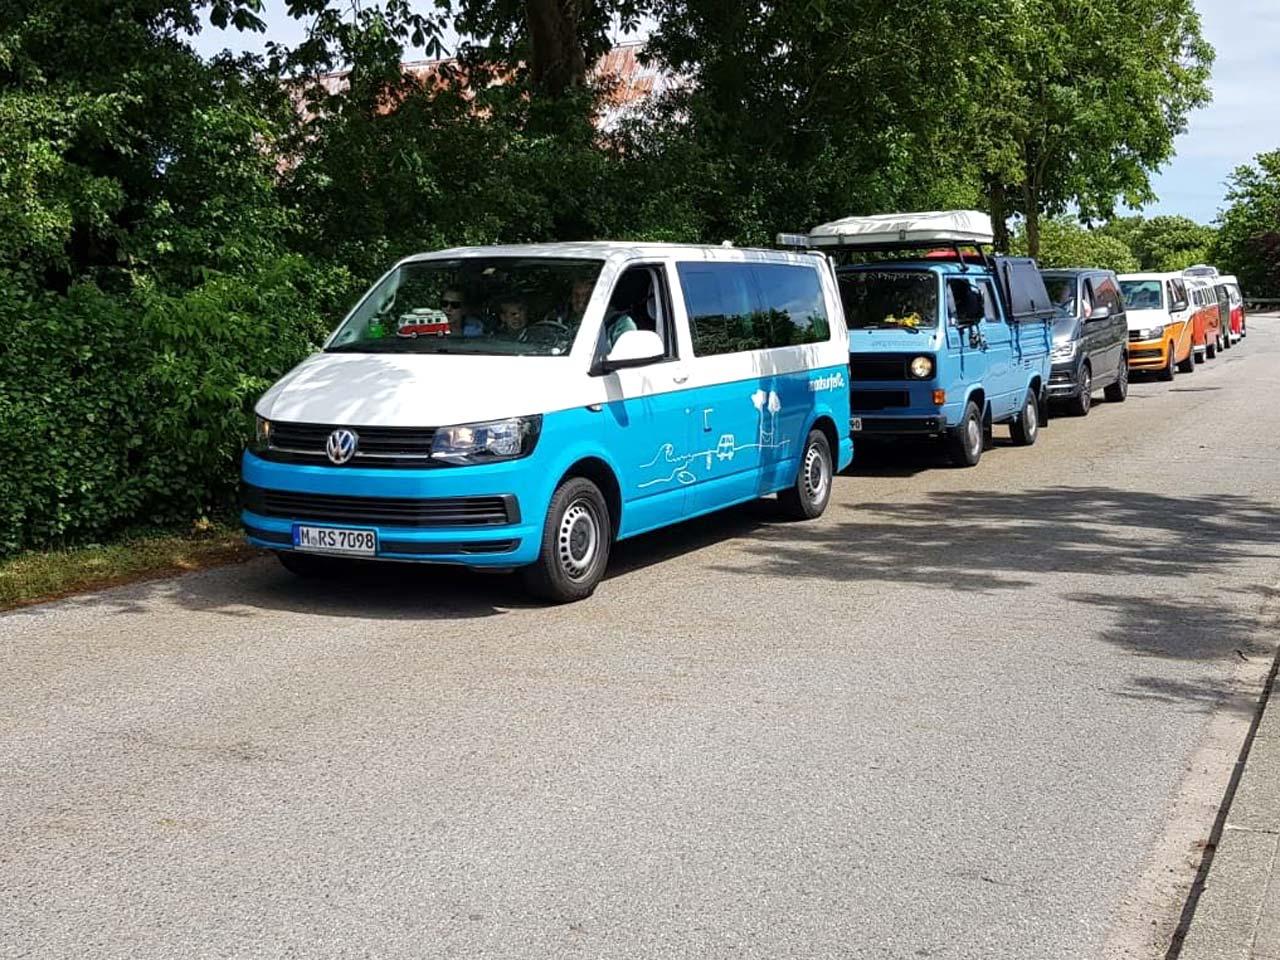 Der roadsurfer führt die Bulliparade an ;-) (Foto: Martina + Sascha)